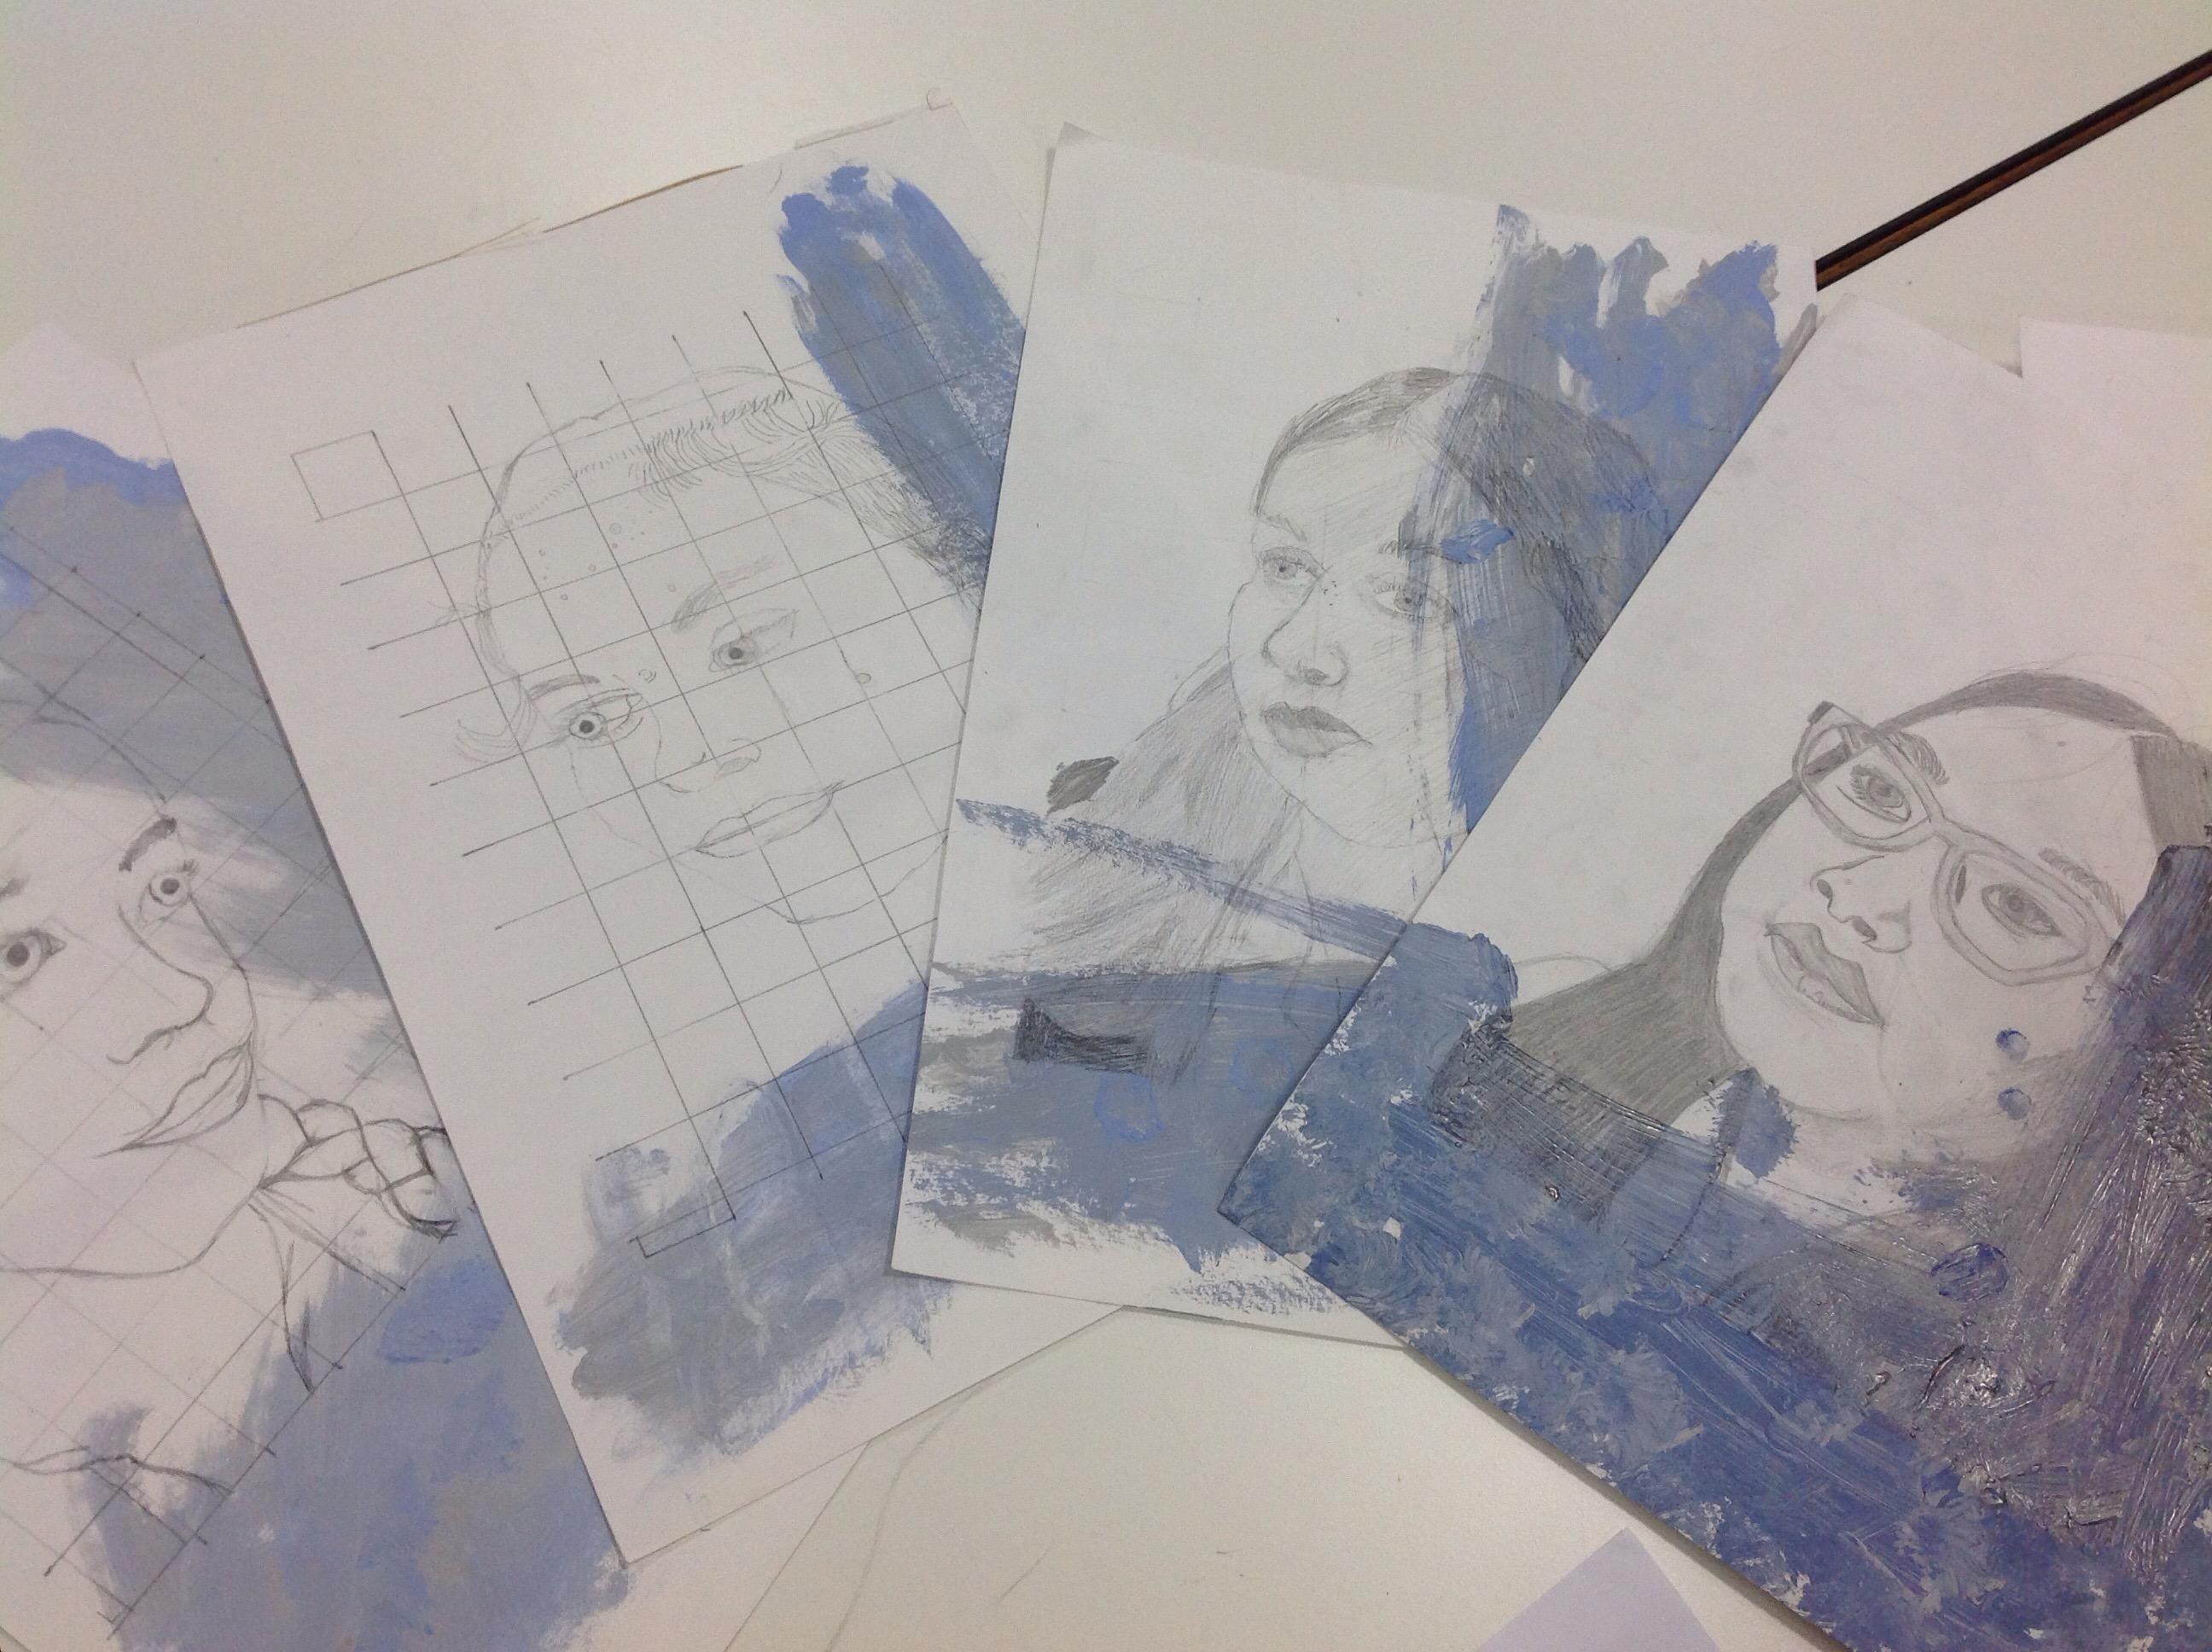 Ks3 Grid Method Art Well Done 7g Bolton School Girls